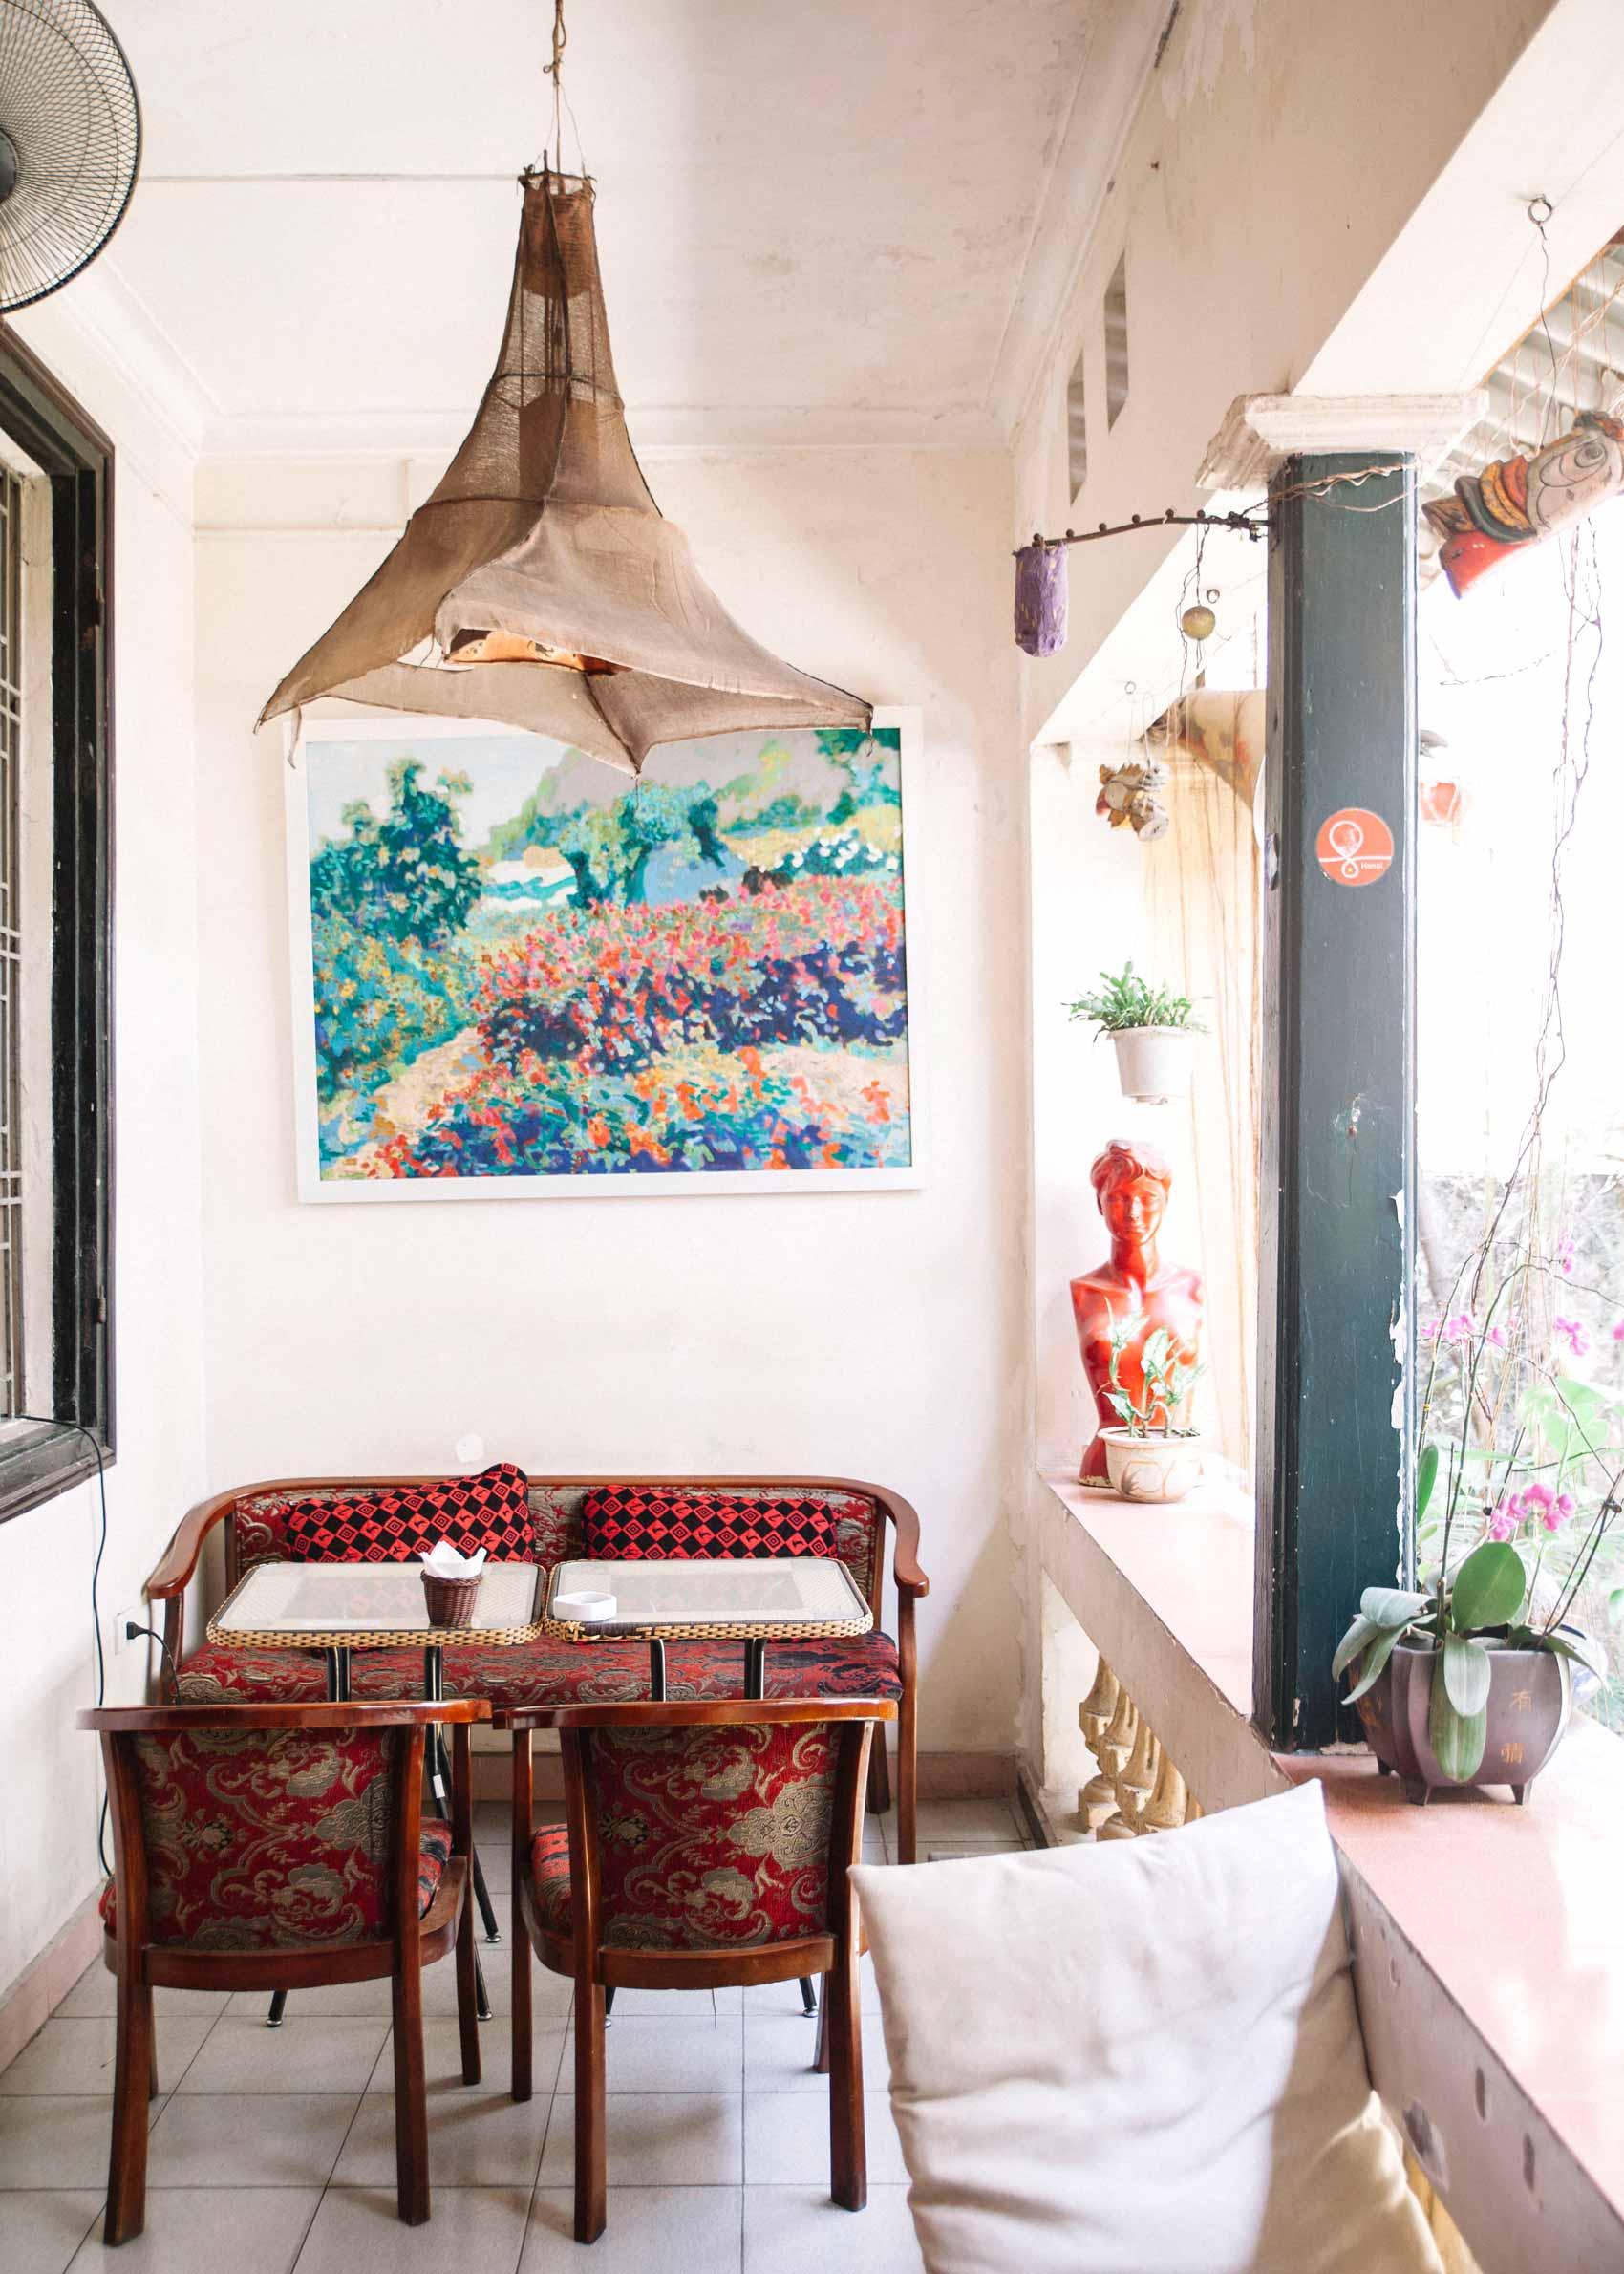 Dónde comer en Hanói: Restaurantes y cafeterías bonitas